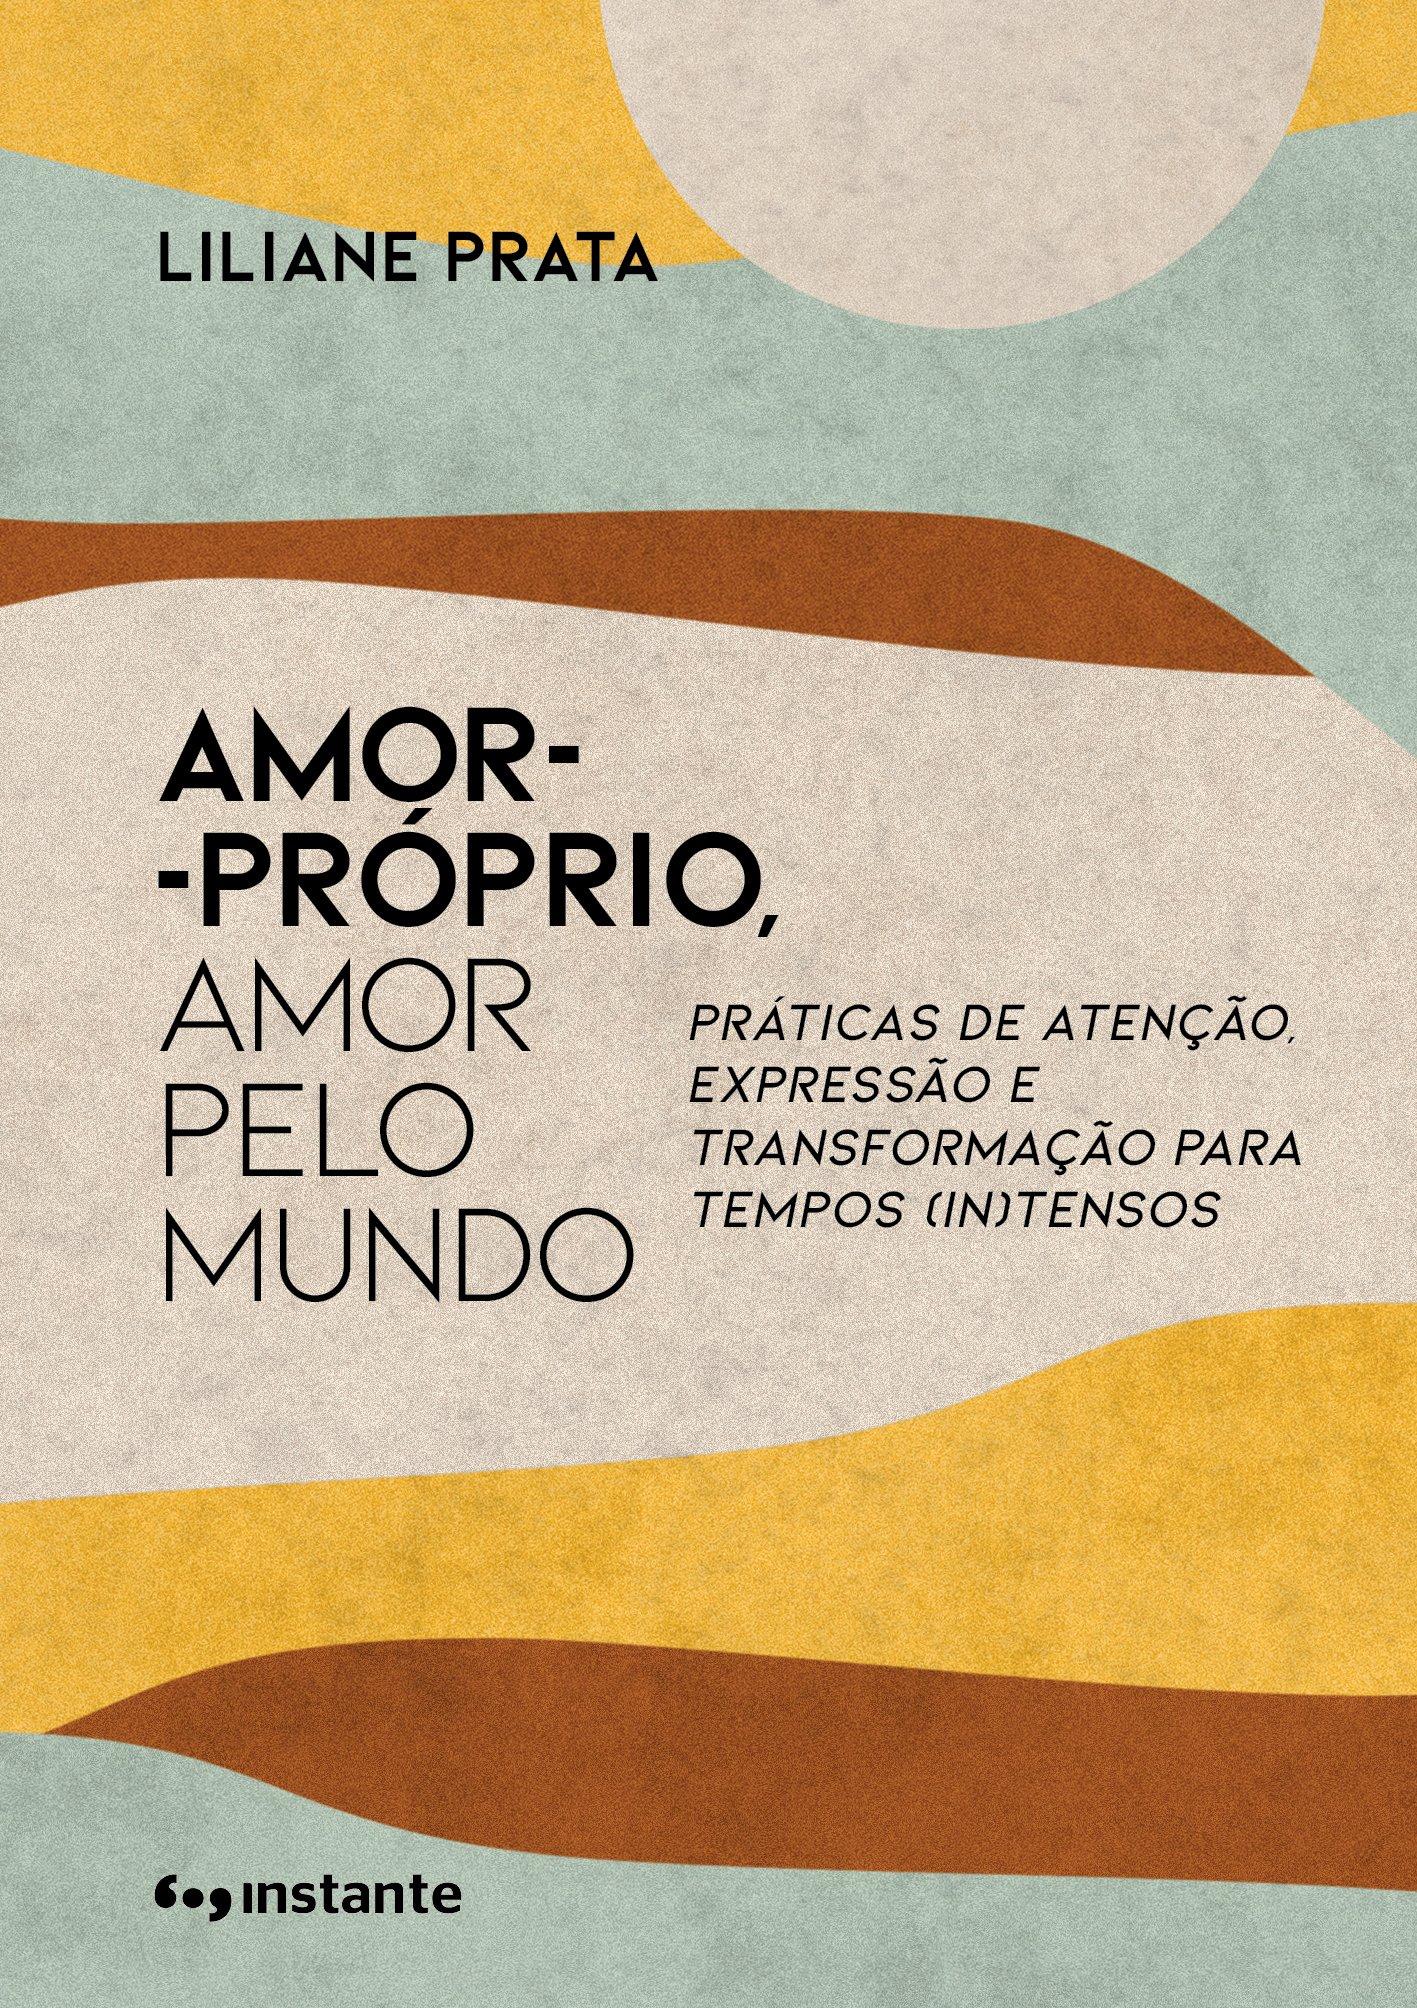 Amor - Próprio, Amor pelo Mundo - Práticas de Atenção, Expressão e Transformação p/Tempos (IN)Tensos